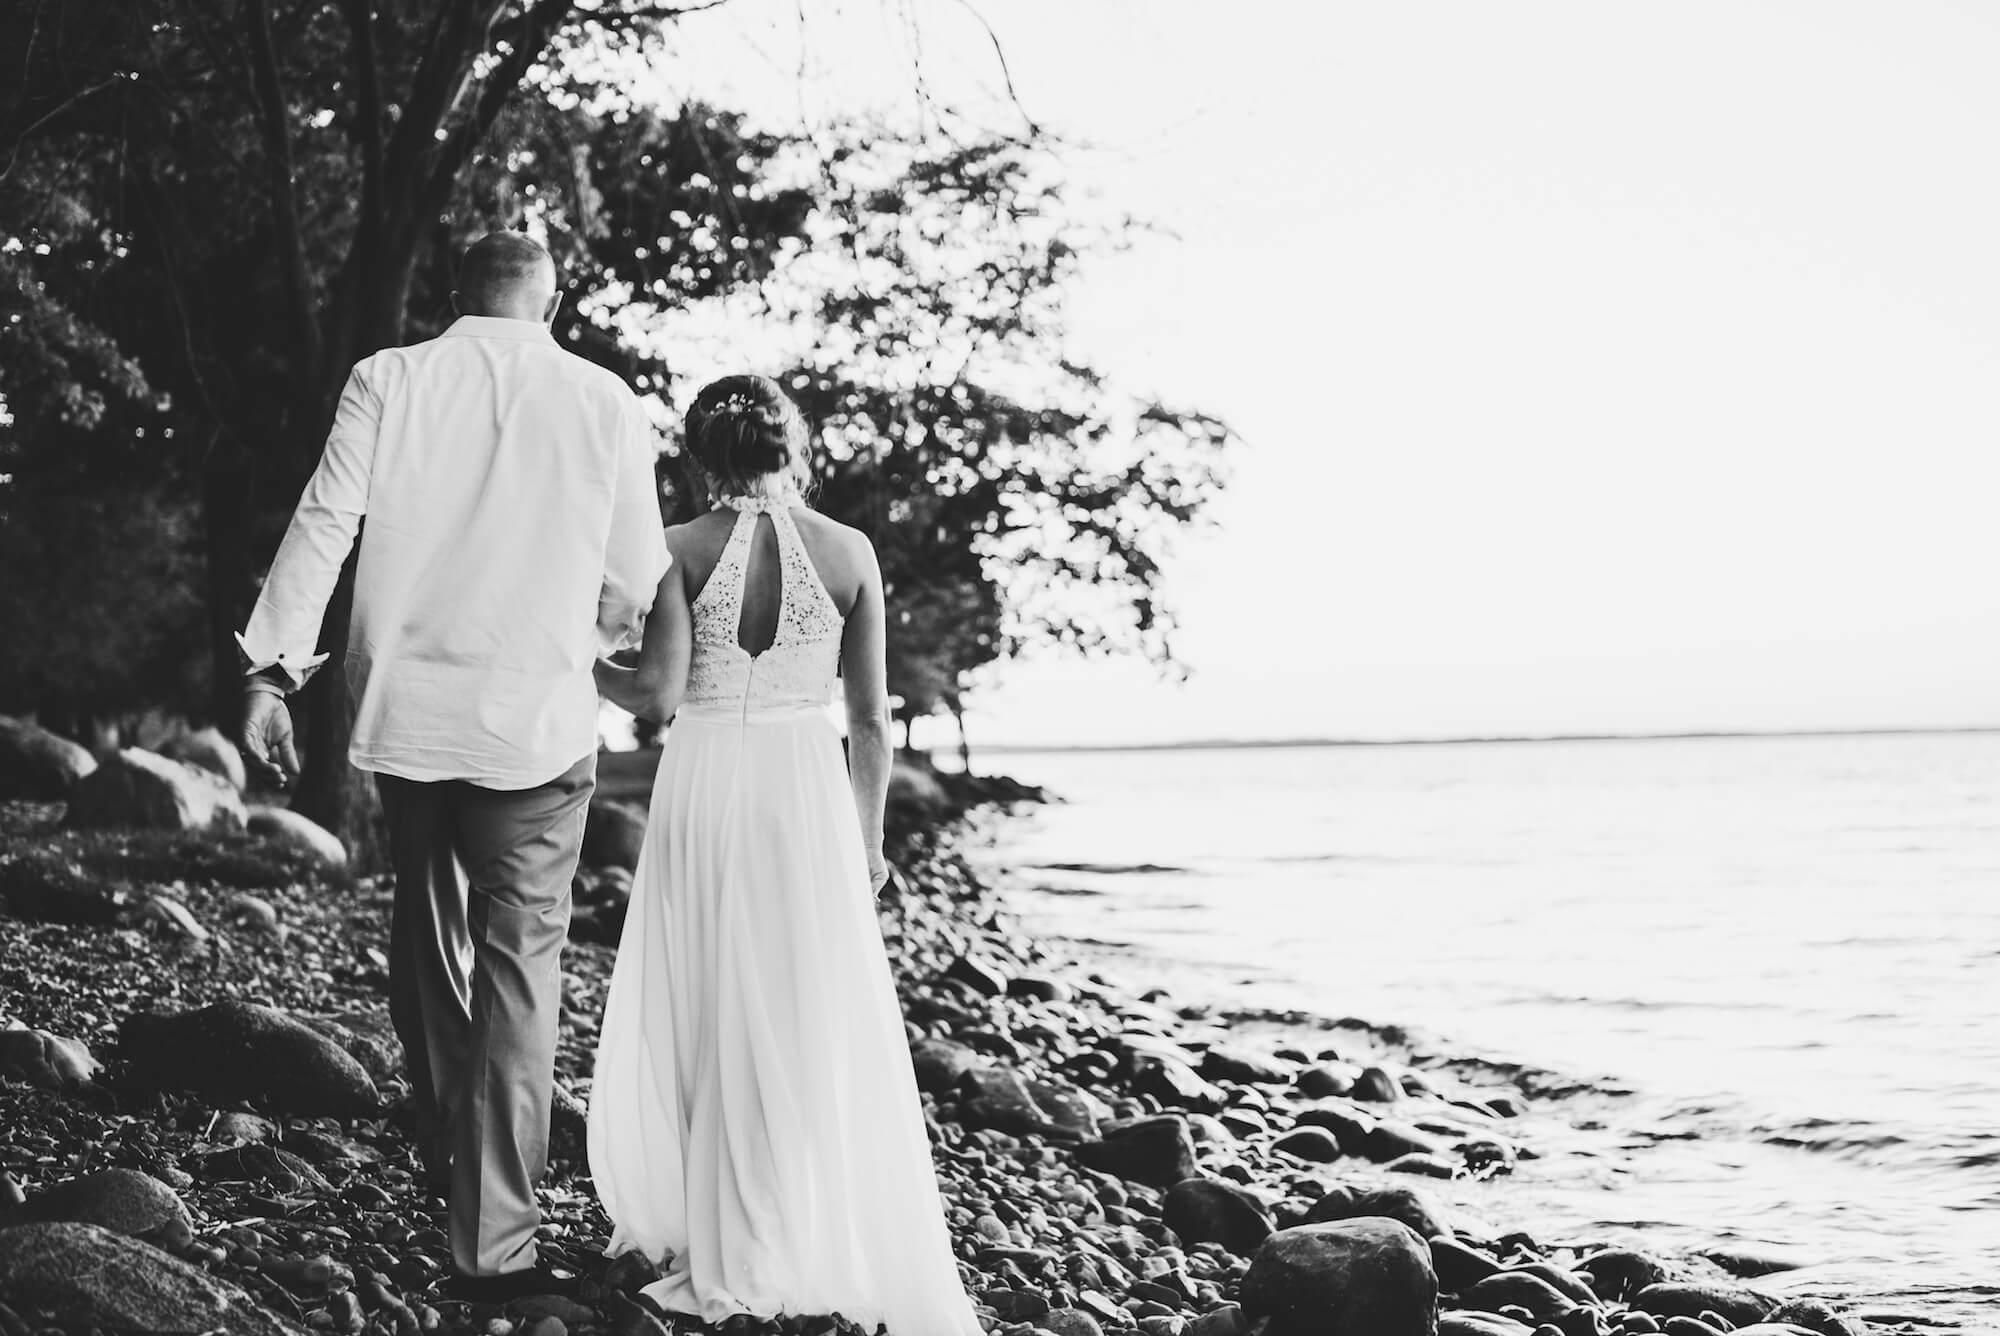 engle-olson-tammy-marc-wedding-61.jpg